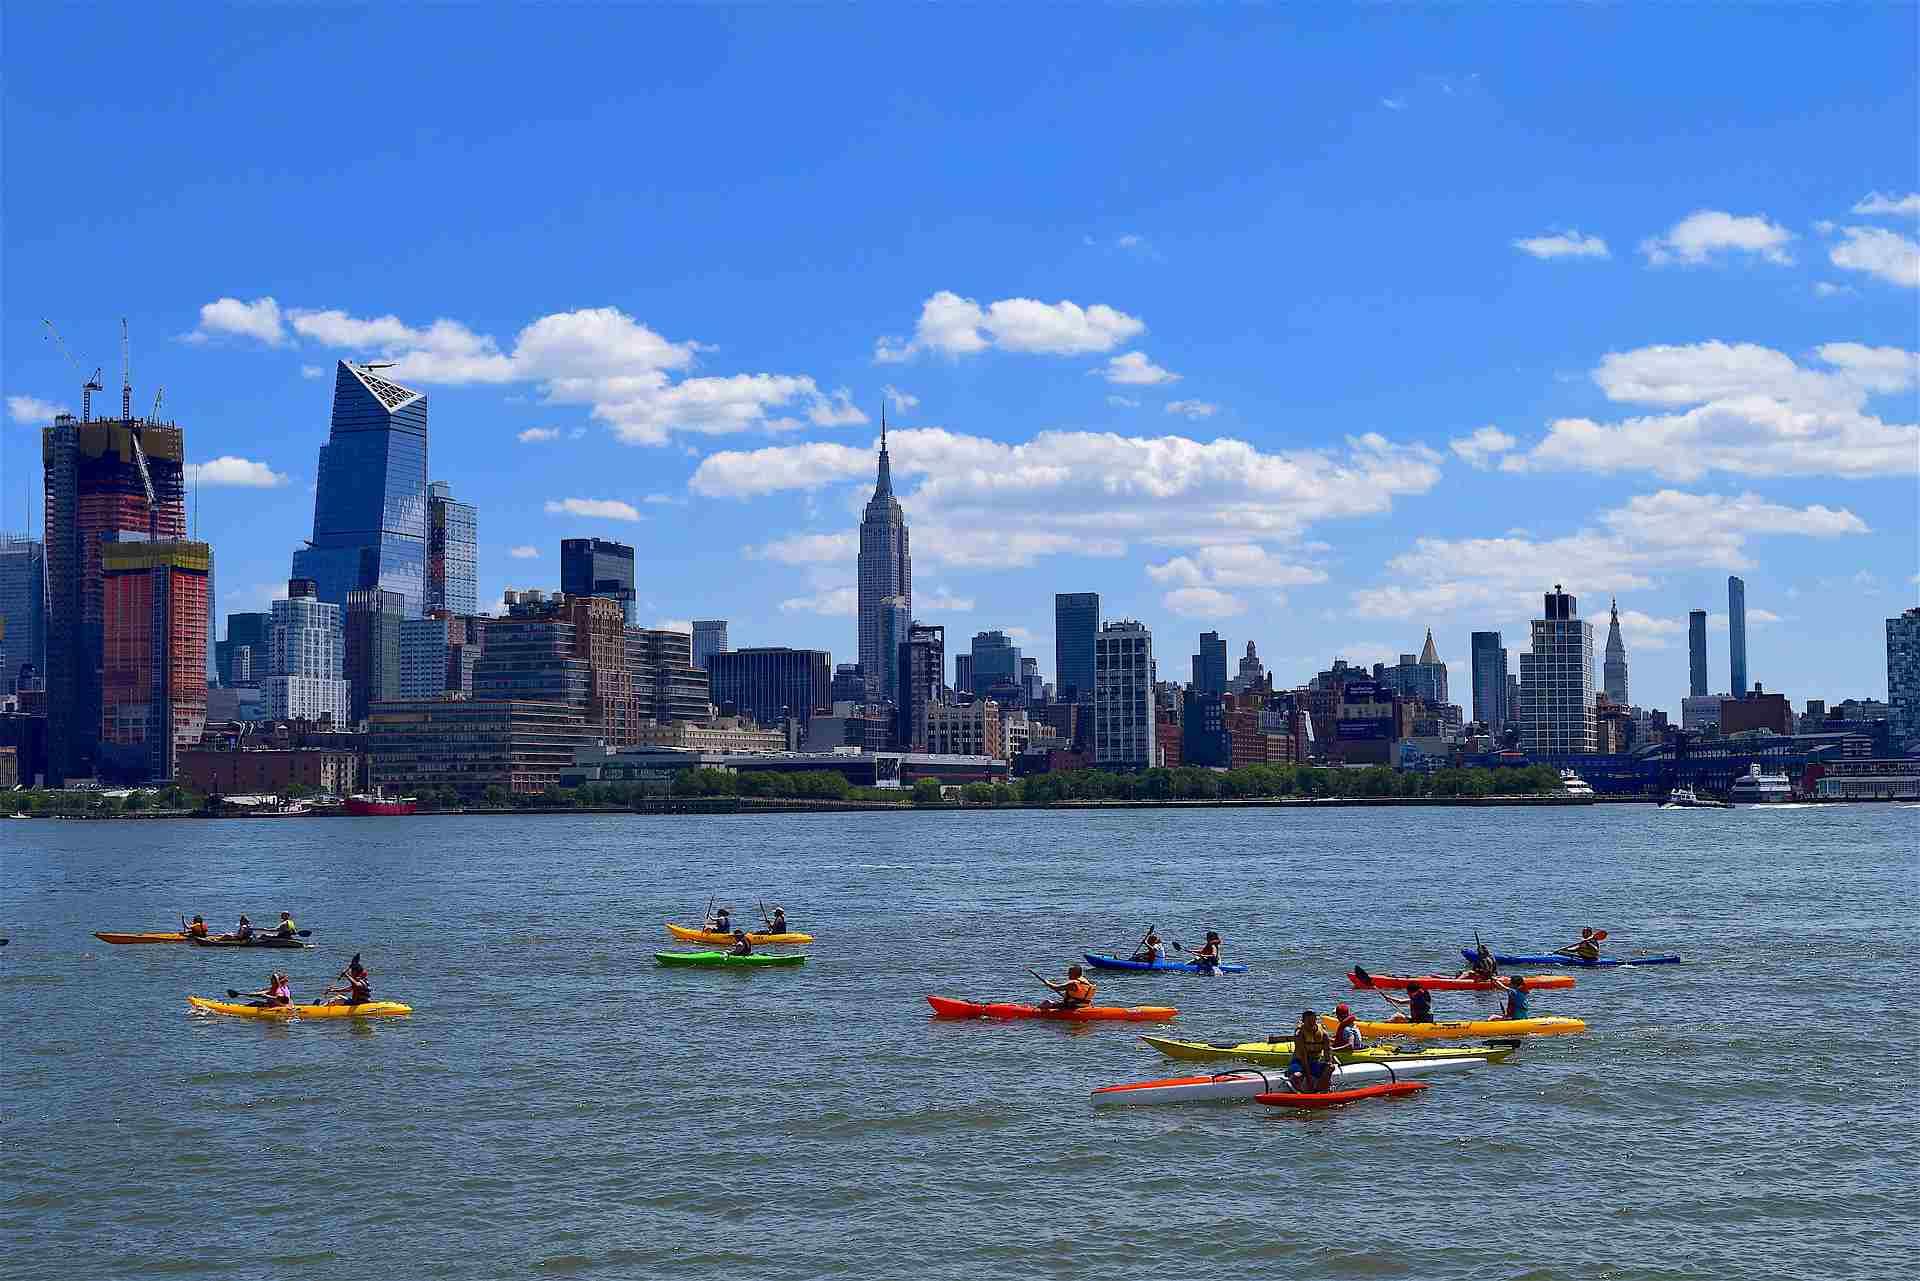 Kayak in the Hudson River